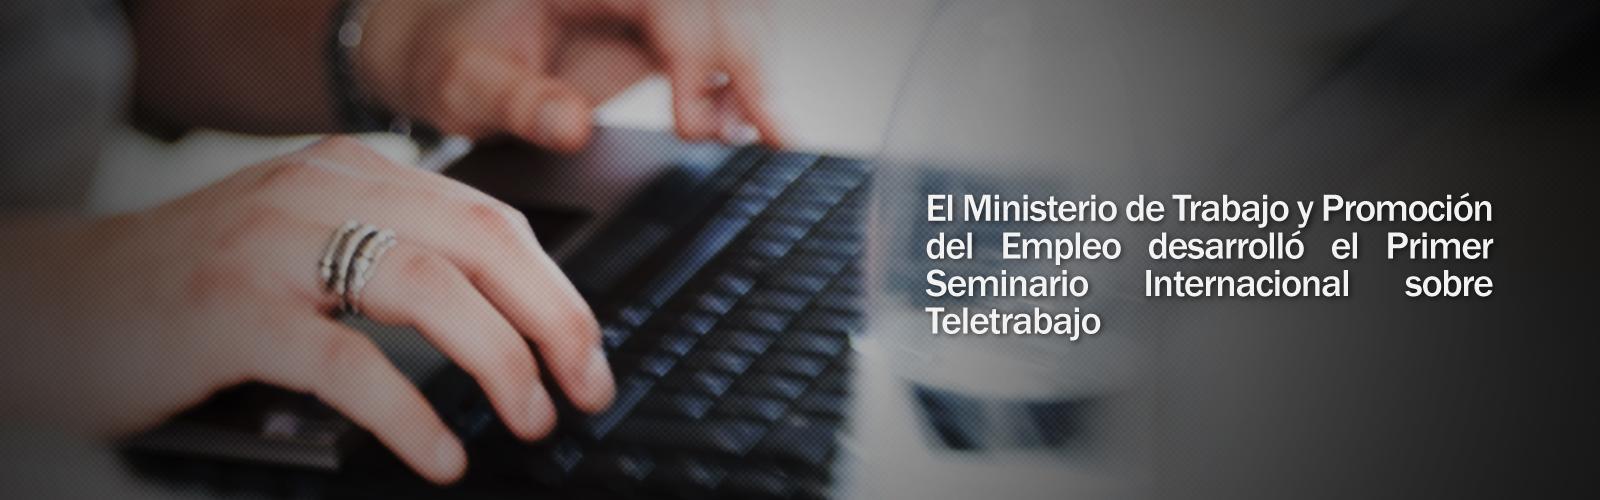 web-teletrabajo23